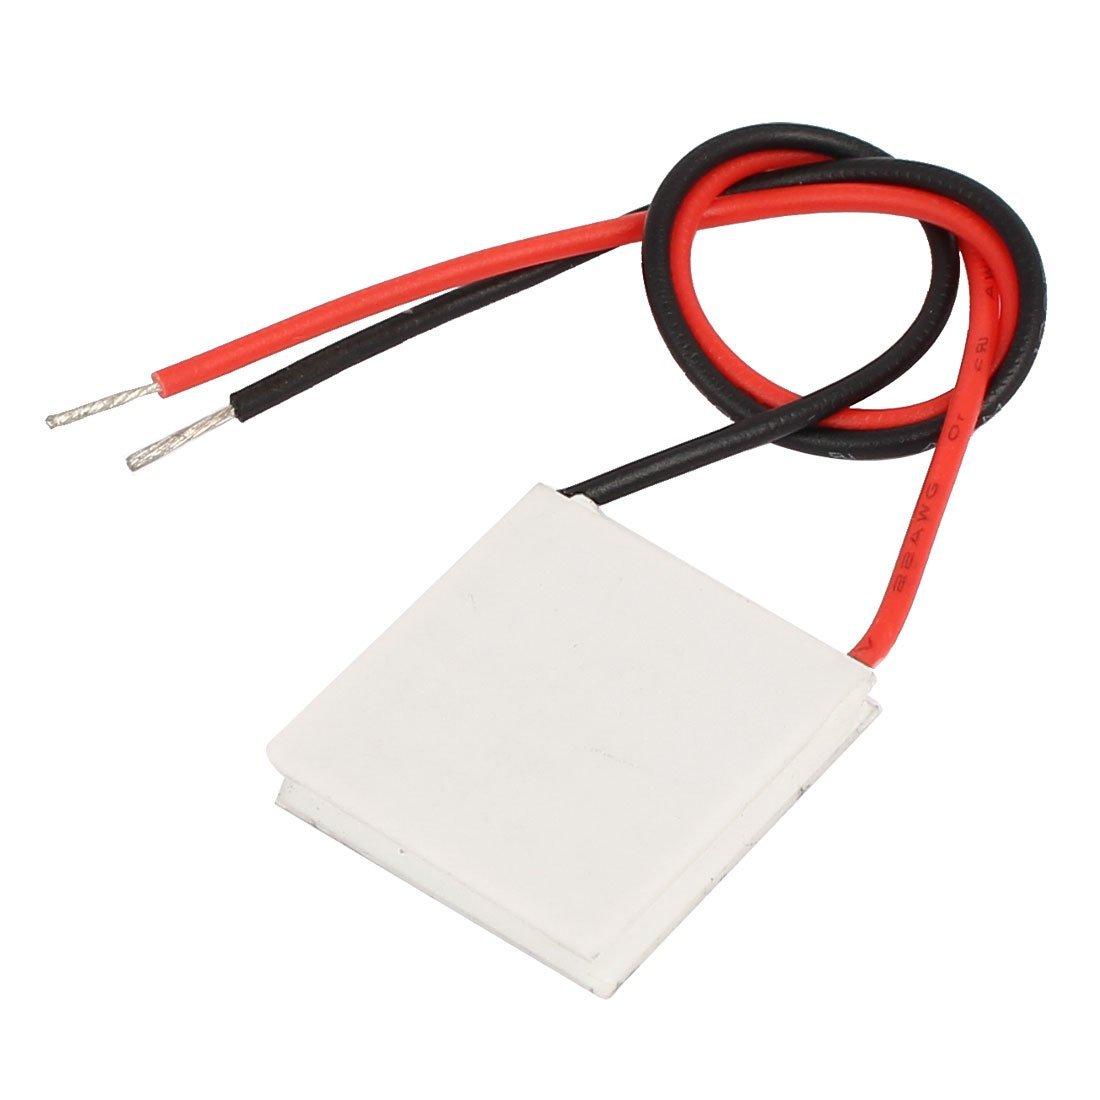 Amazon.com: DealMux TES1-07125 8.4V 2.5A termoelétricos Módulo refrigerador refrigerar placa Peltier: Electronics